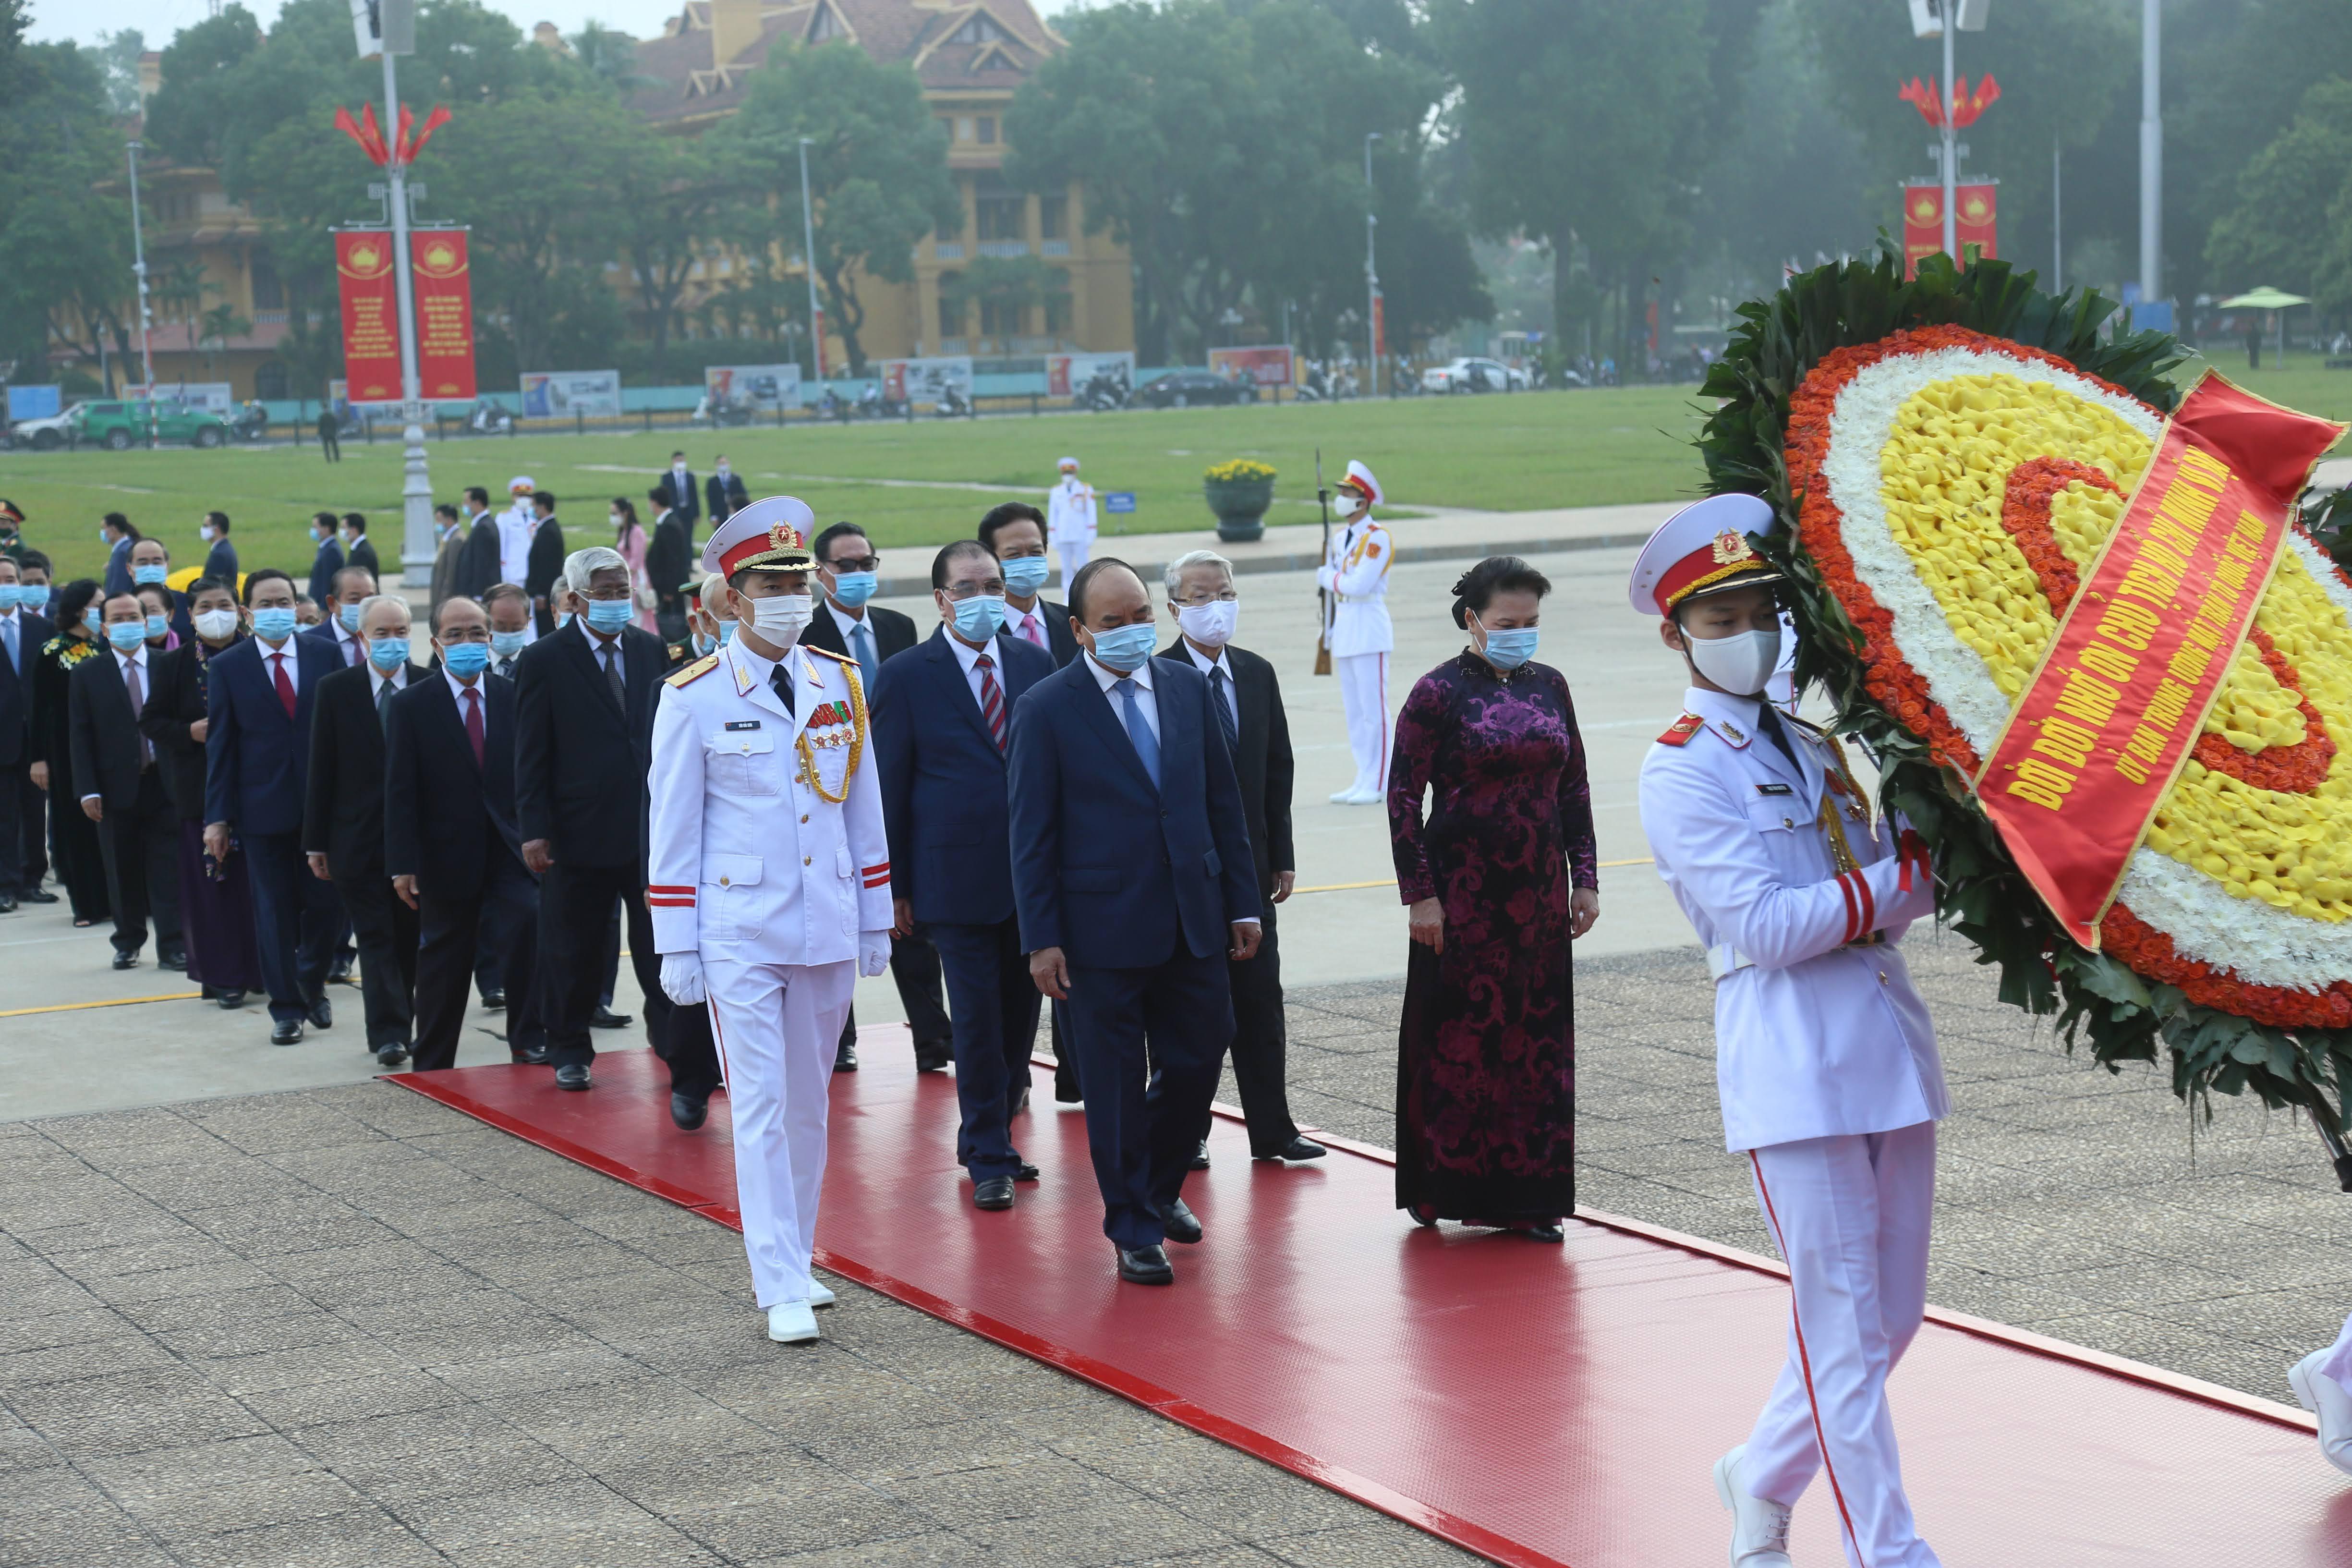 Các đồng chí lãnh đạo, nguyên lãnh đạo Đảng, Nhà nước, MTTQ Việt Nam viếng Lăng Chủ tịch Hồ Chí Minh.